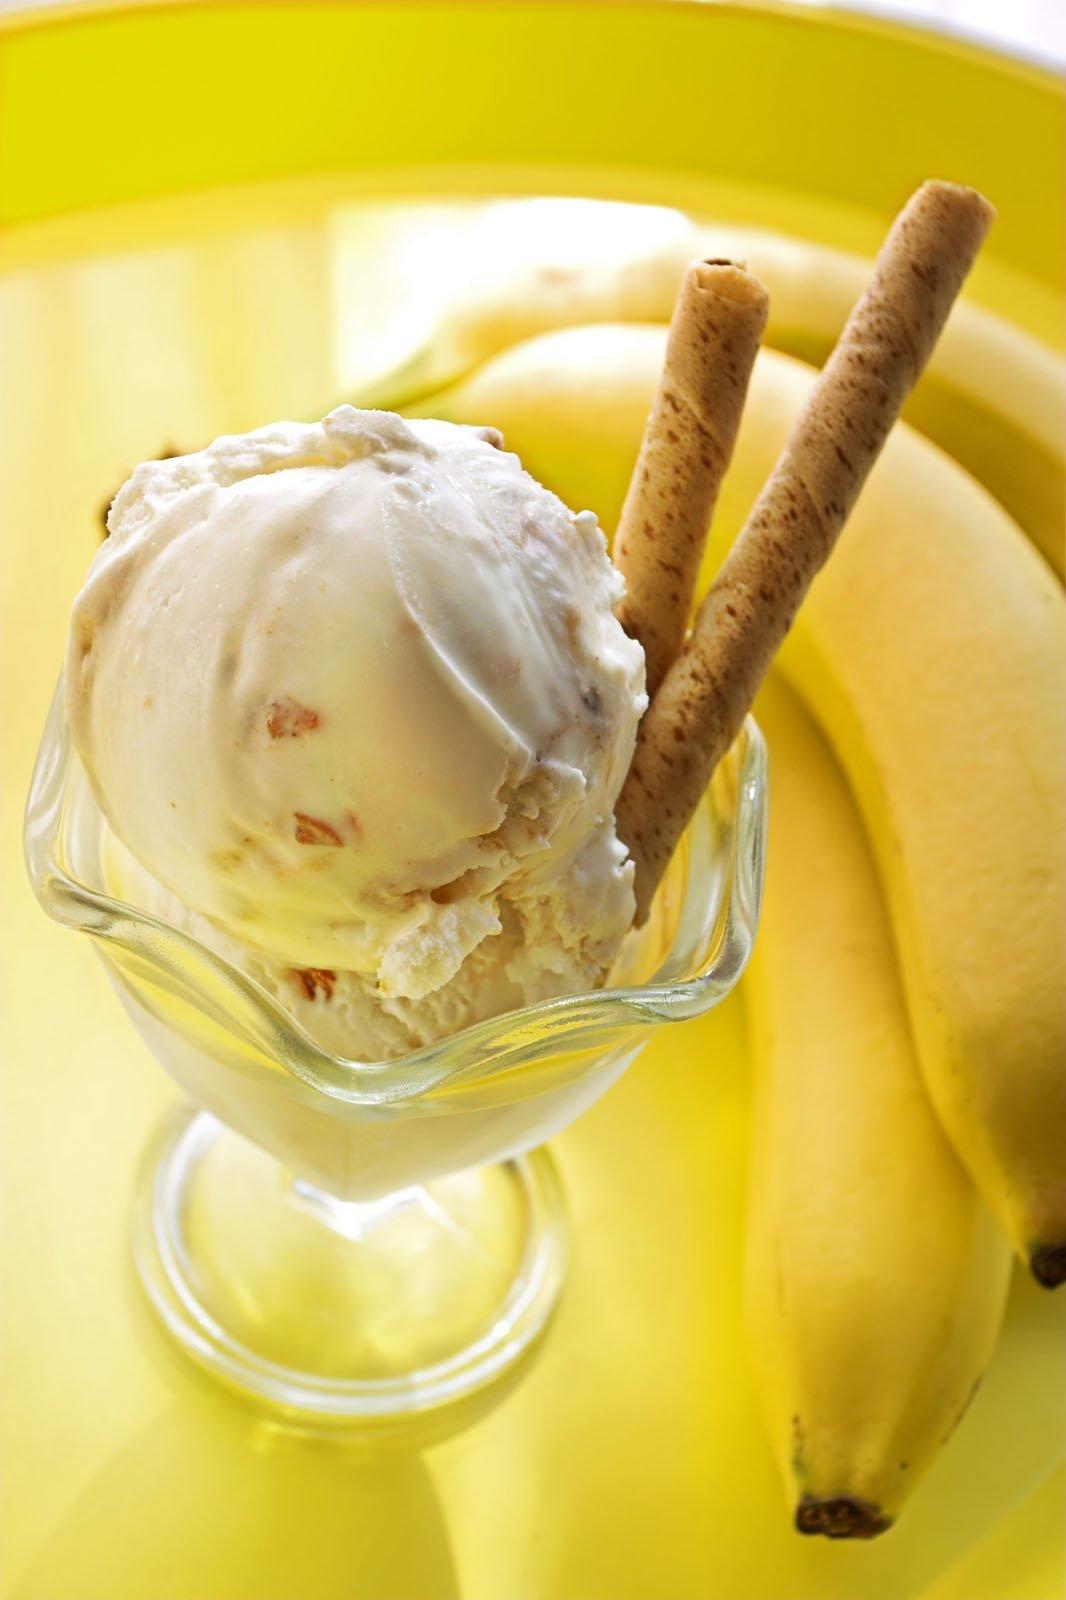 проявление картинки бананового мороженого стандартного испанского общепита